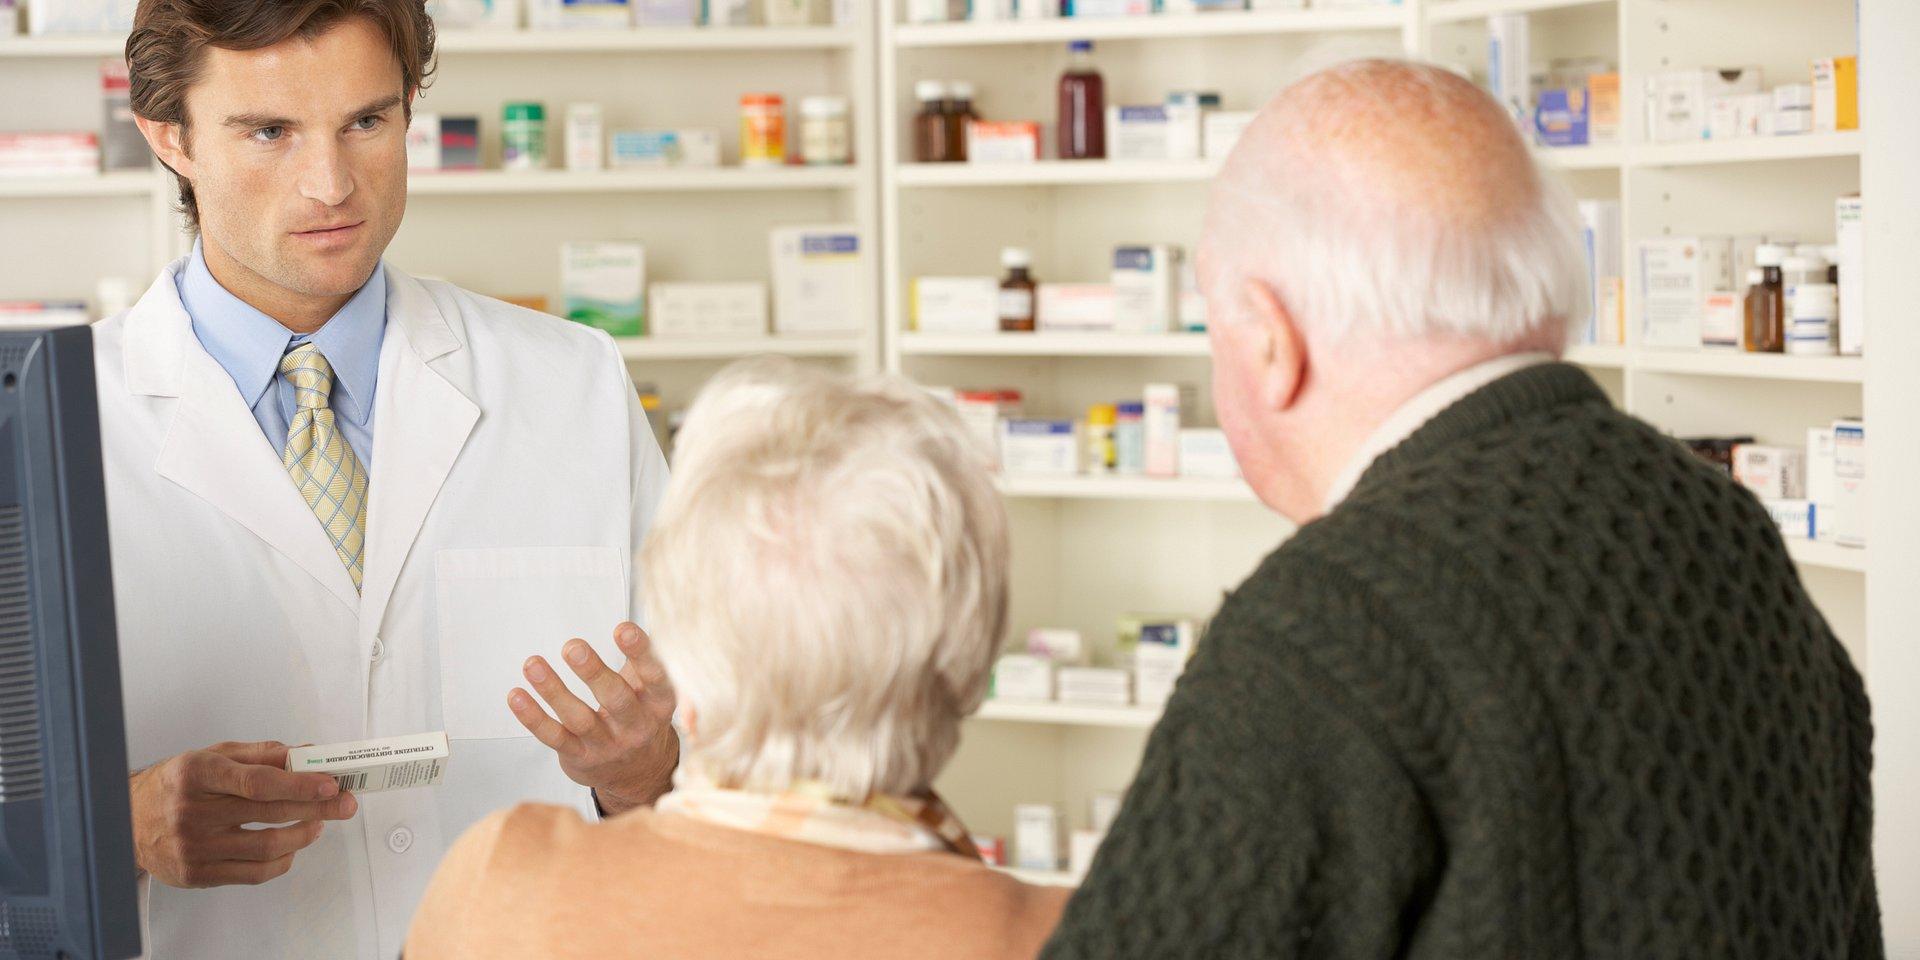 Czy pacjent może zwrócić produkt leczniczy zakupiony w aptece?